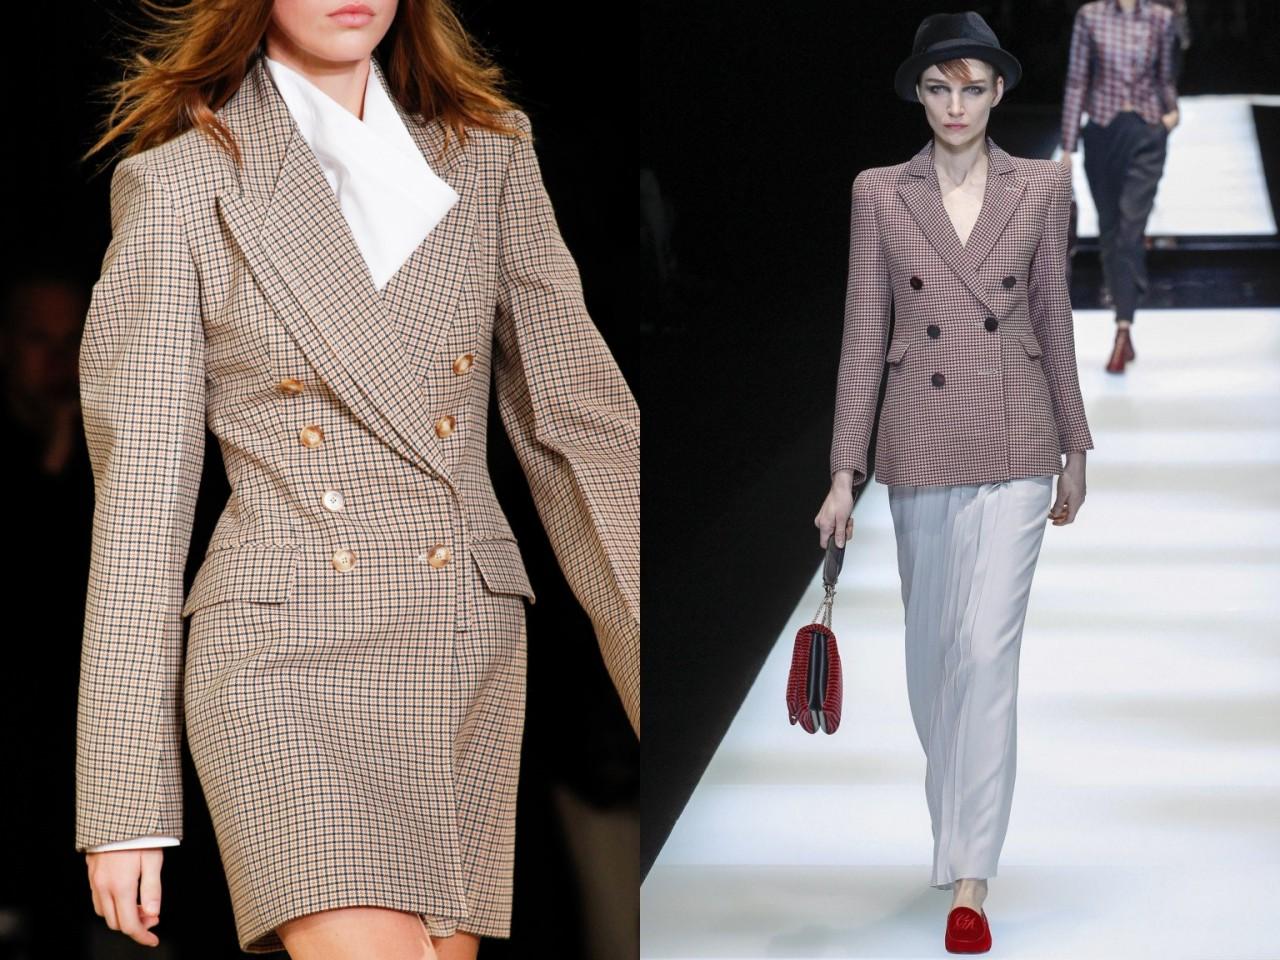 Модные тенденции — с чем носить модные пиджаки и жакеты 2018-2019